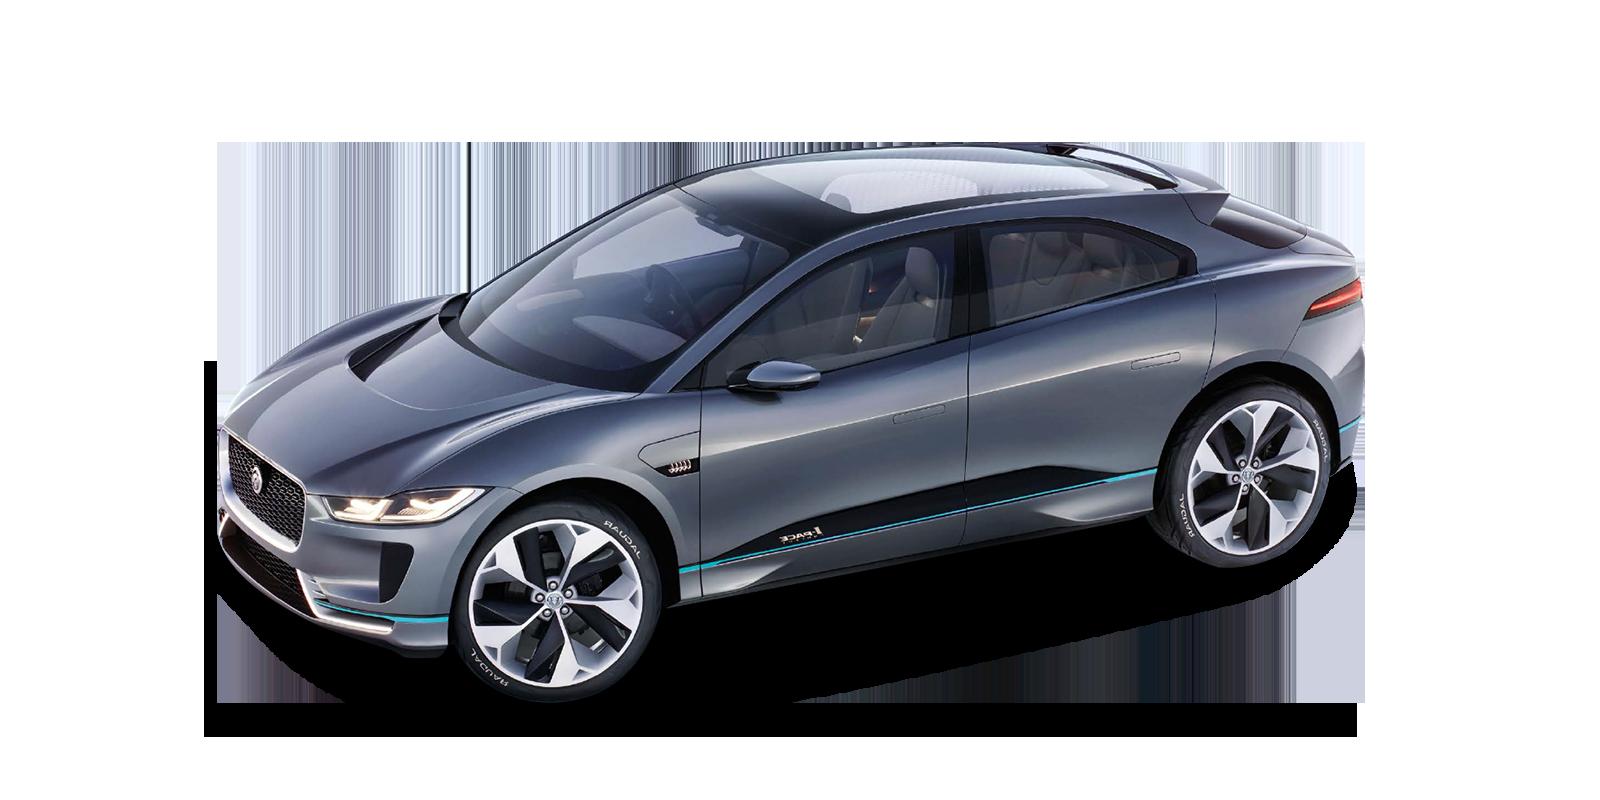 Caractéristiques de la  Jaguar I-PACE électrique